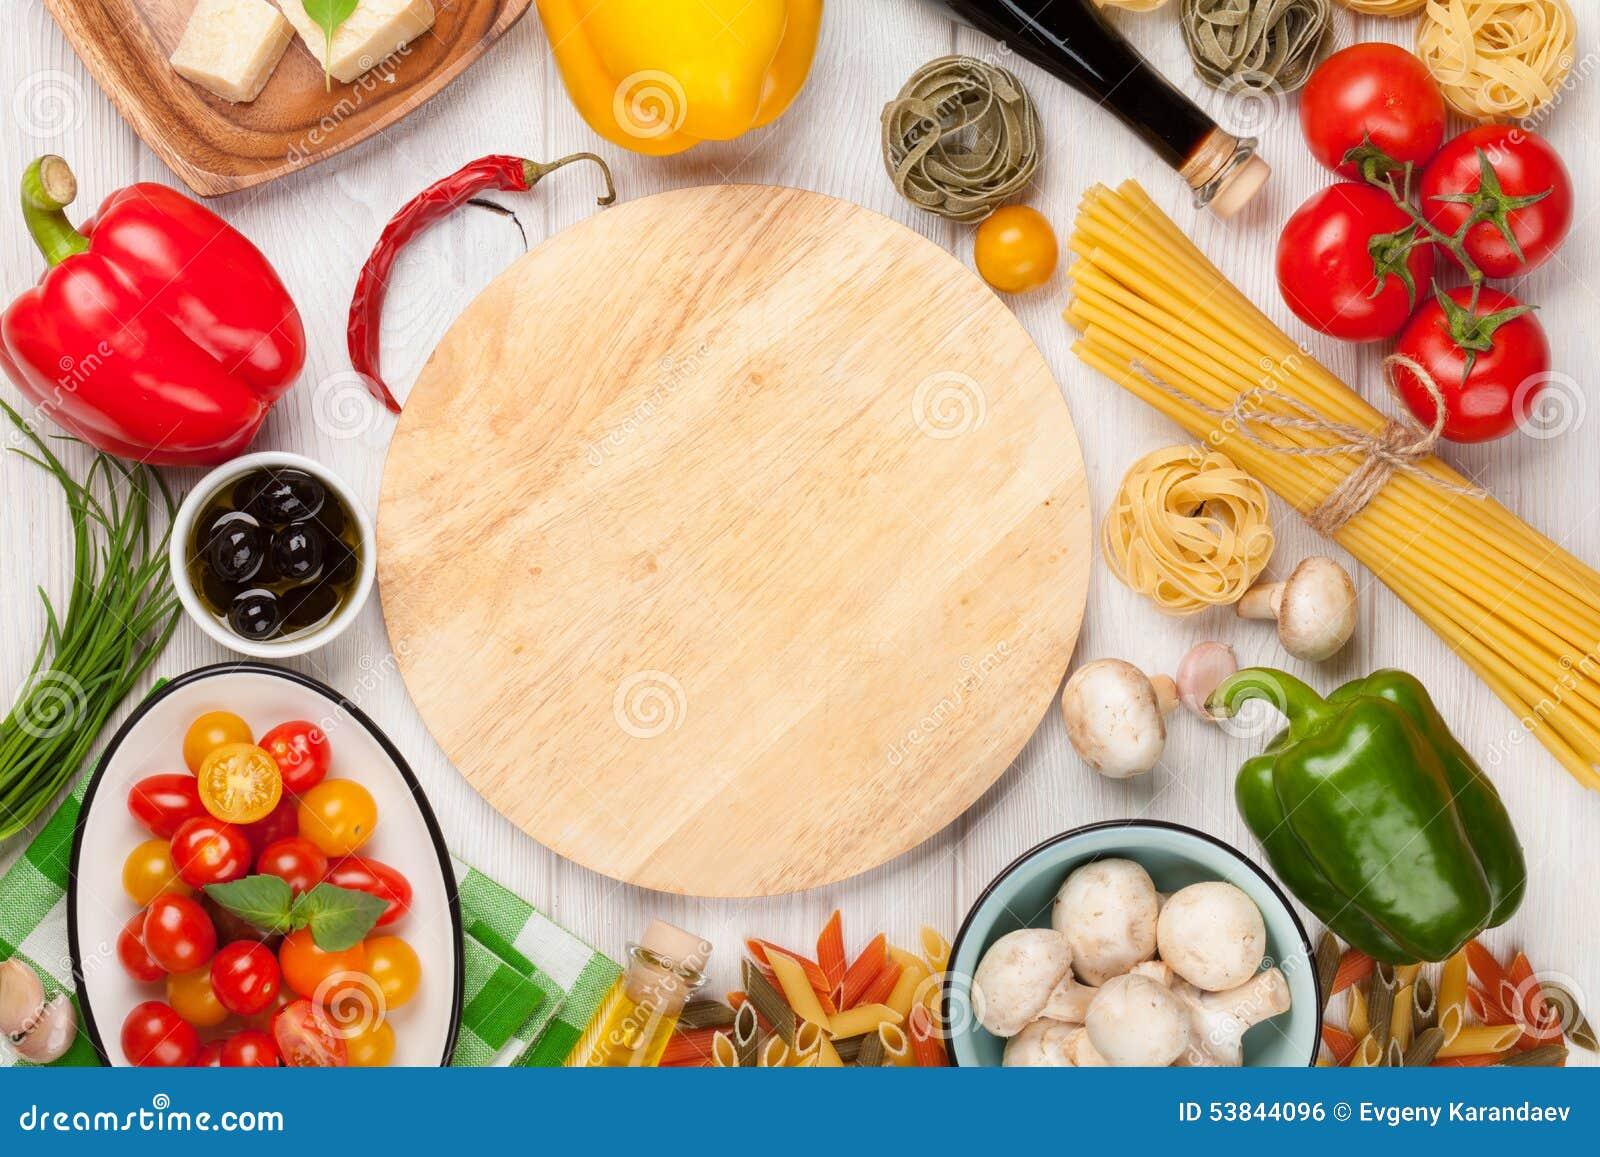 Comida italiana que cocina los ingredientes pastas for Ingredientes para comida